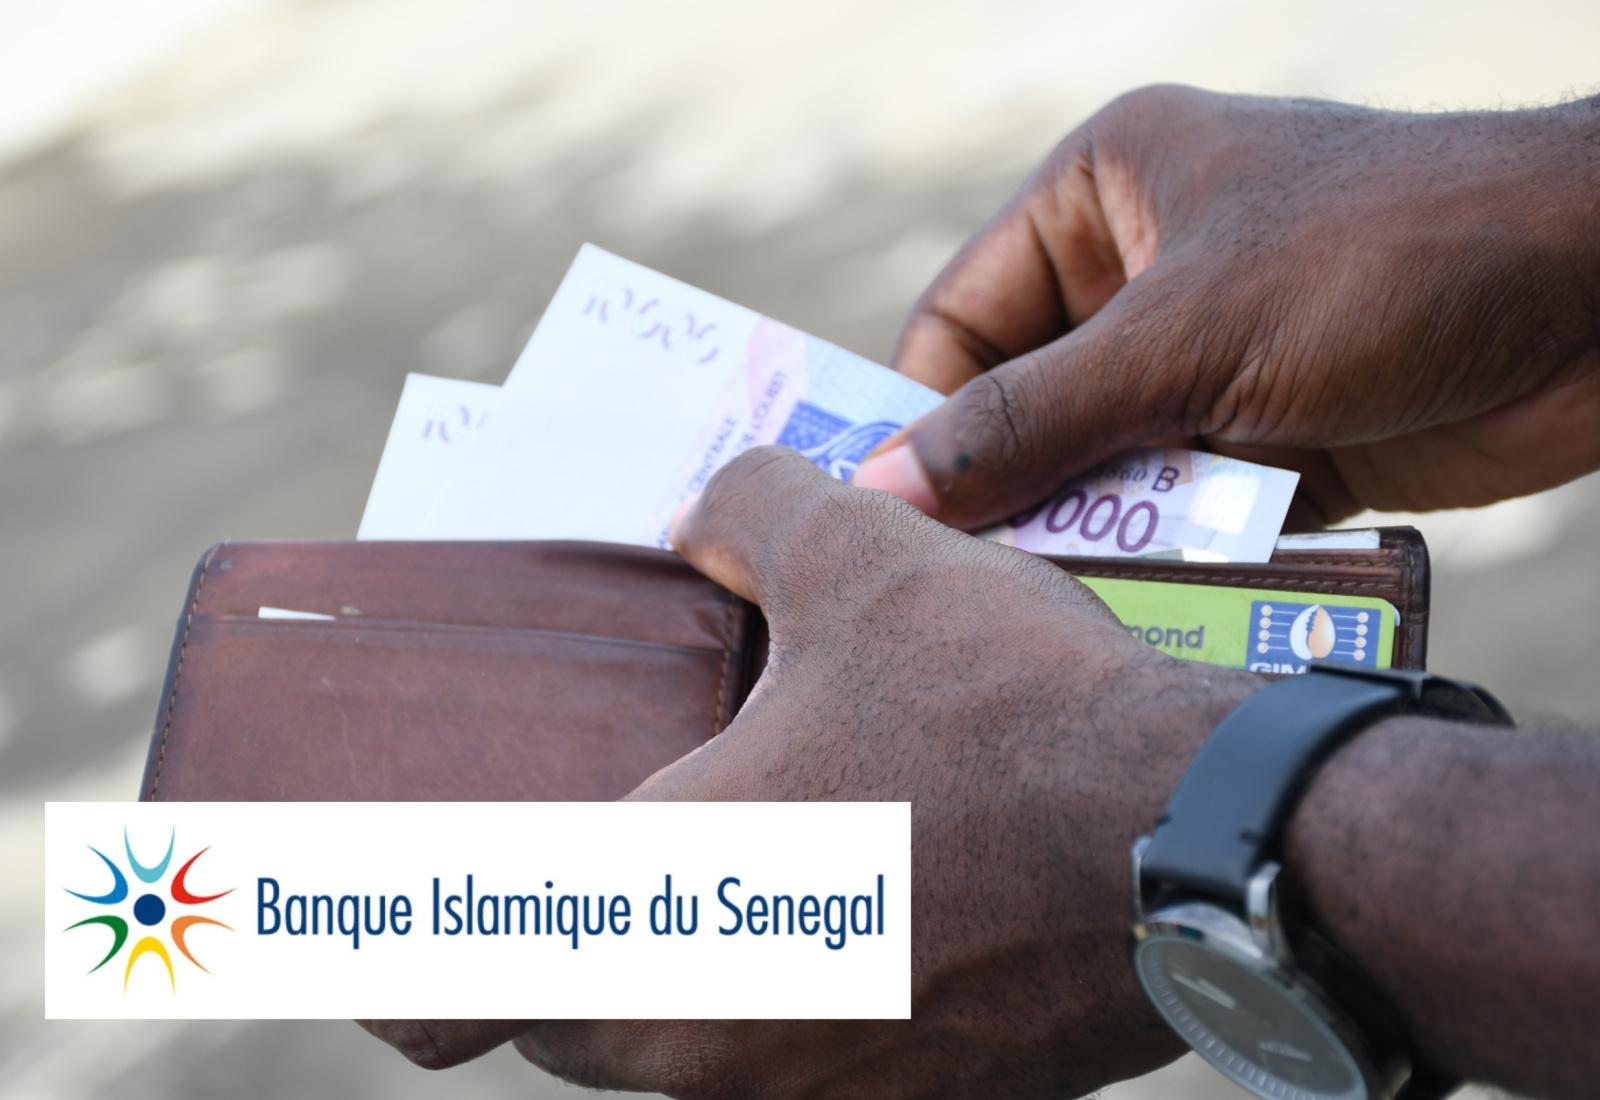 Banque Islamique du Sénégal